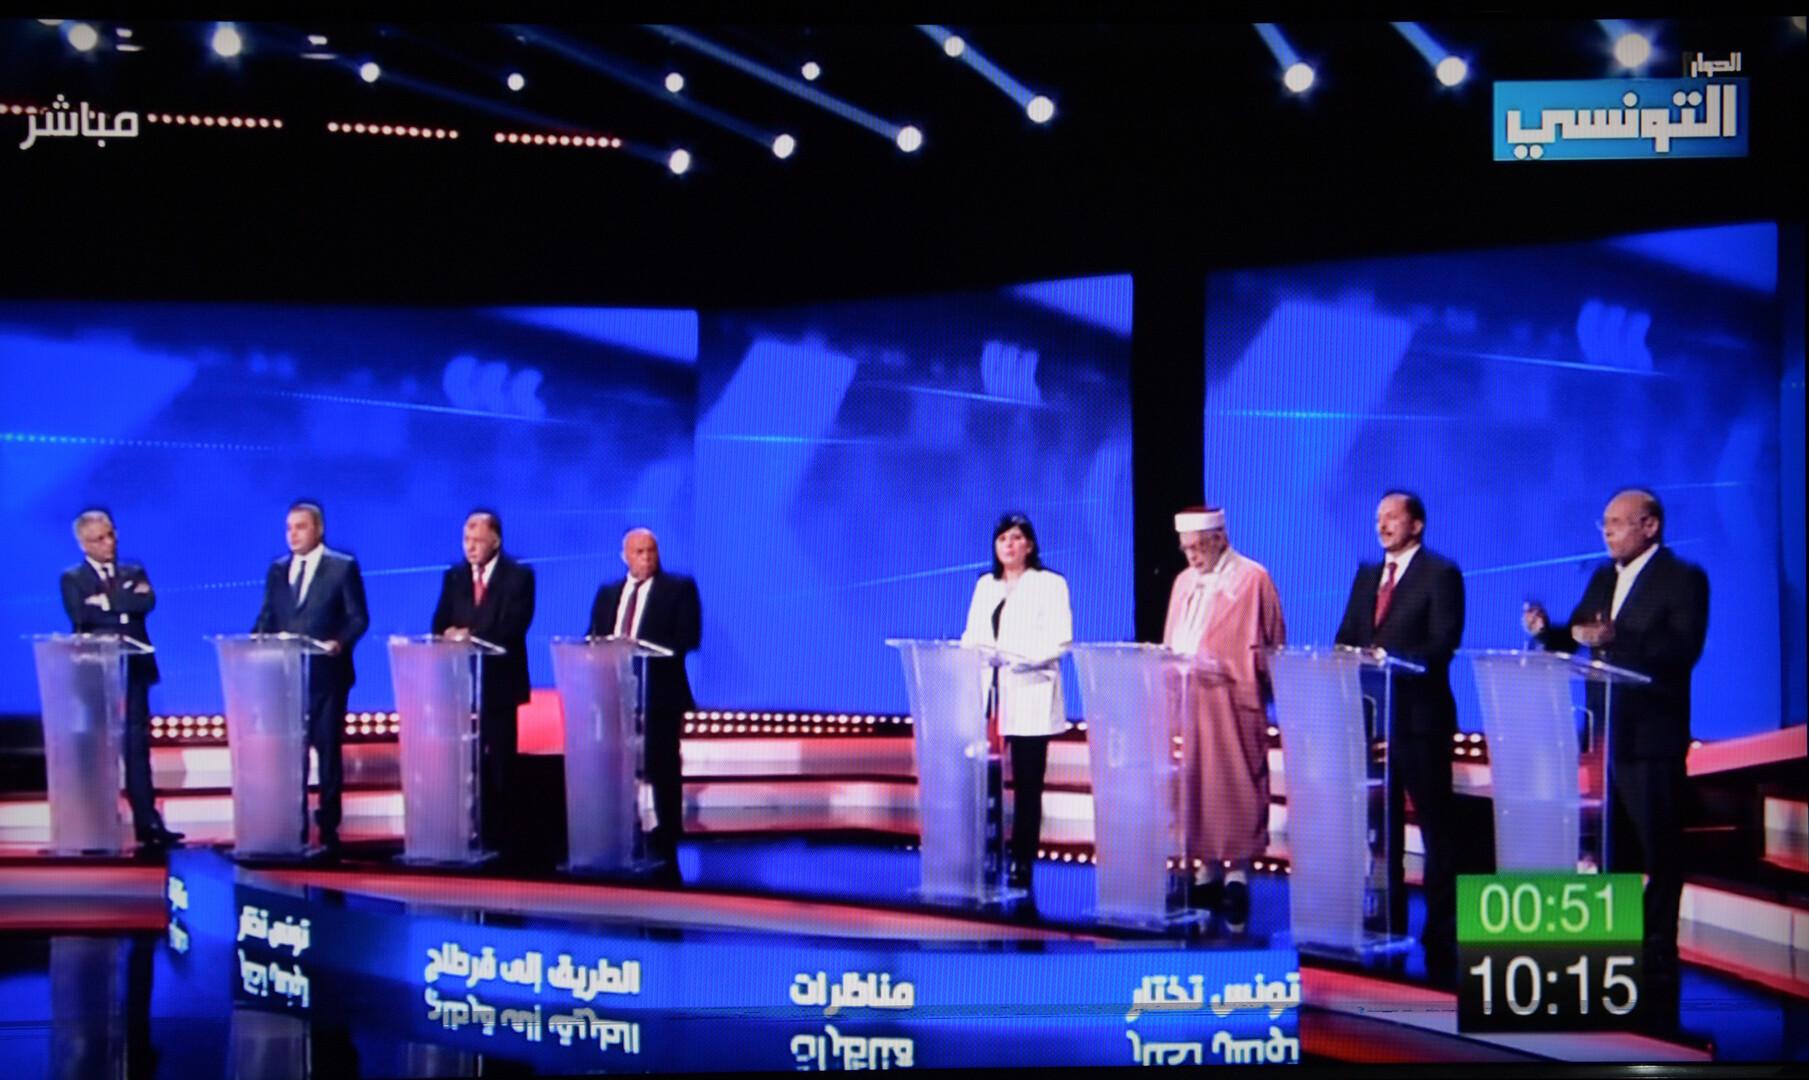 التونسيون يتابعون مناظرات المرشحين في ذروة الحملة الانتخابية الرئاسية